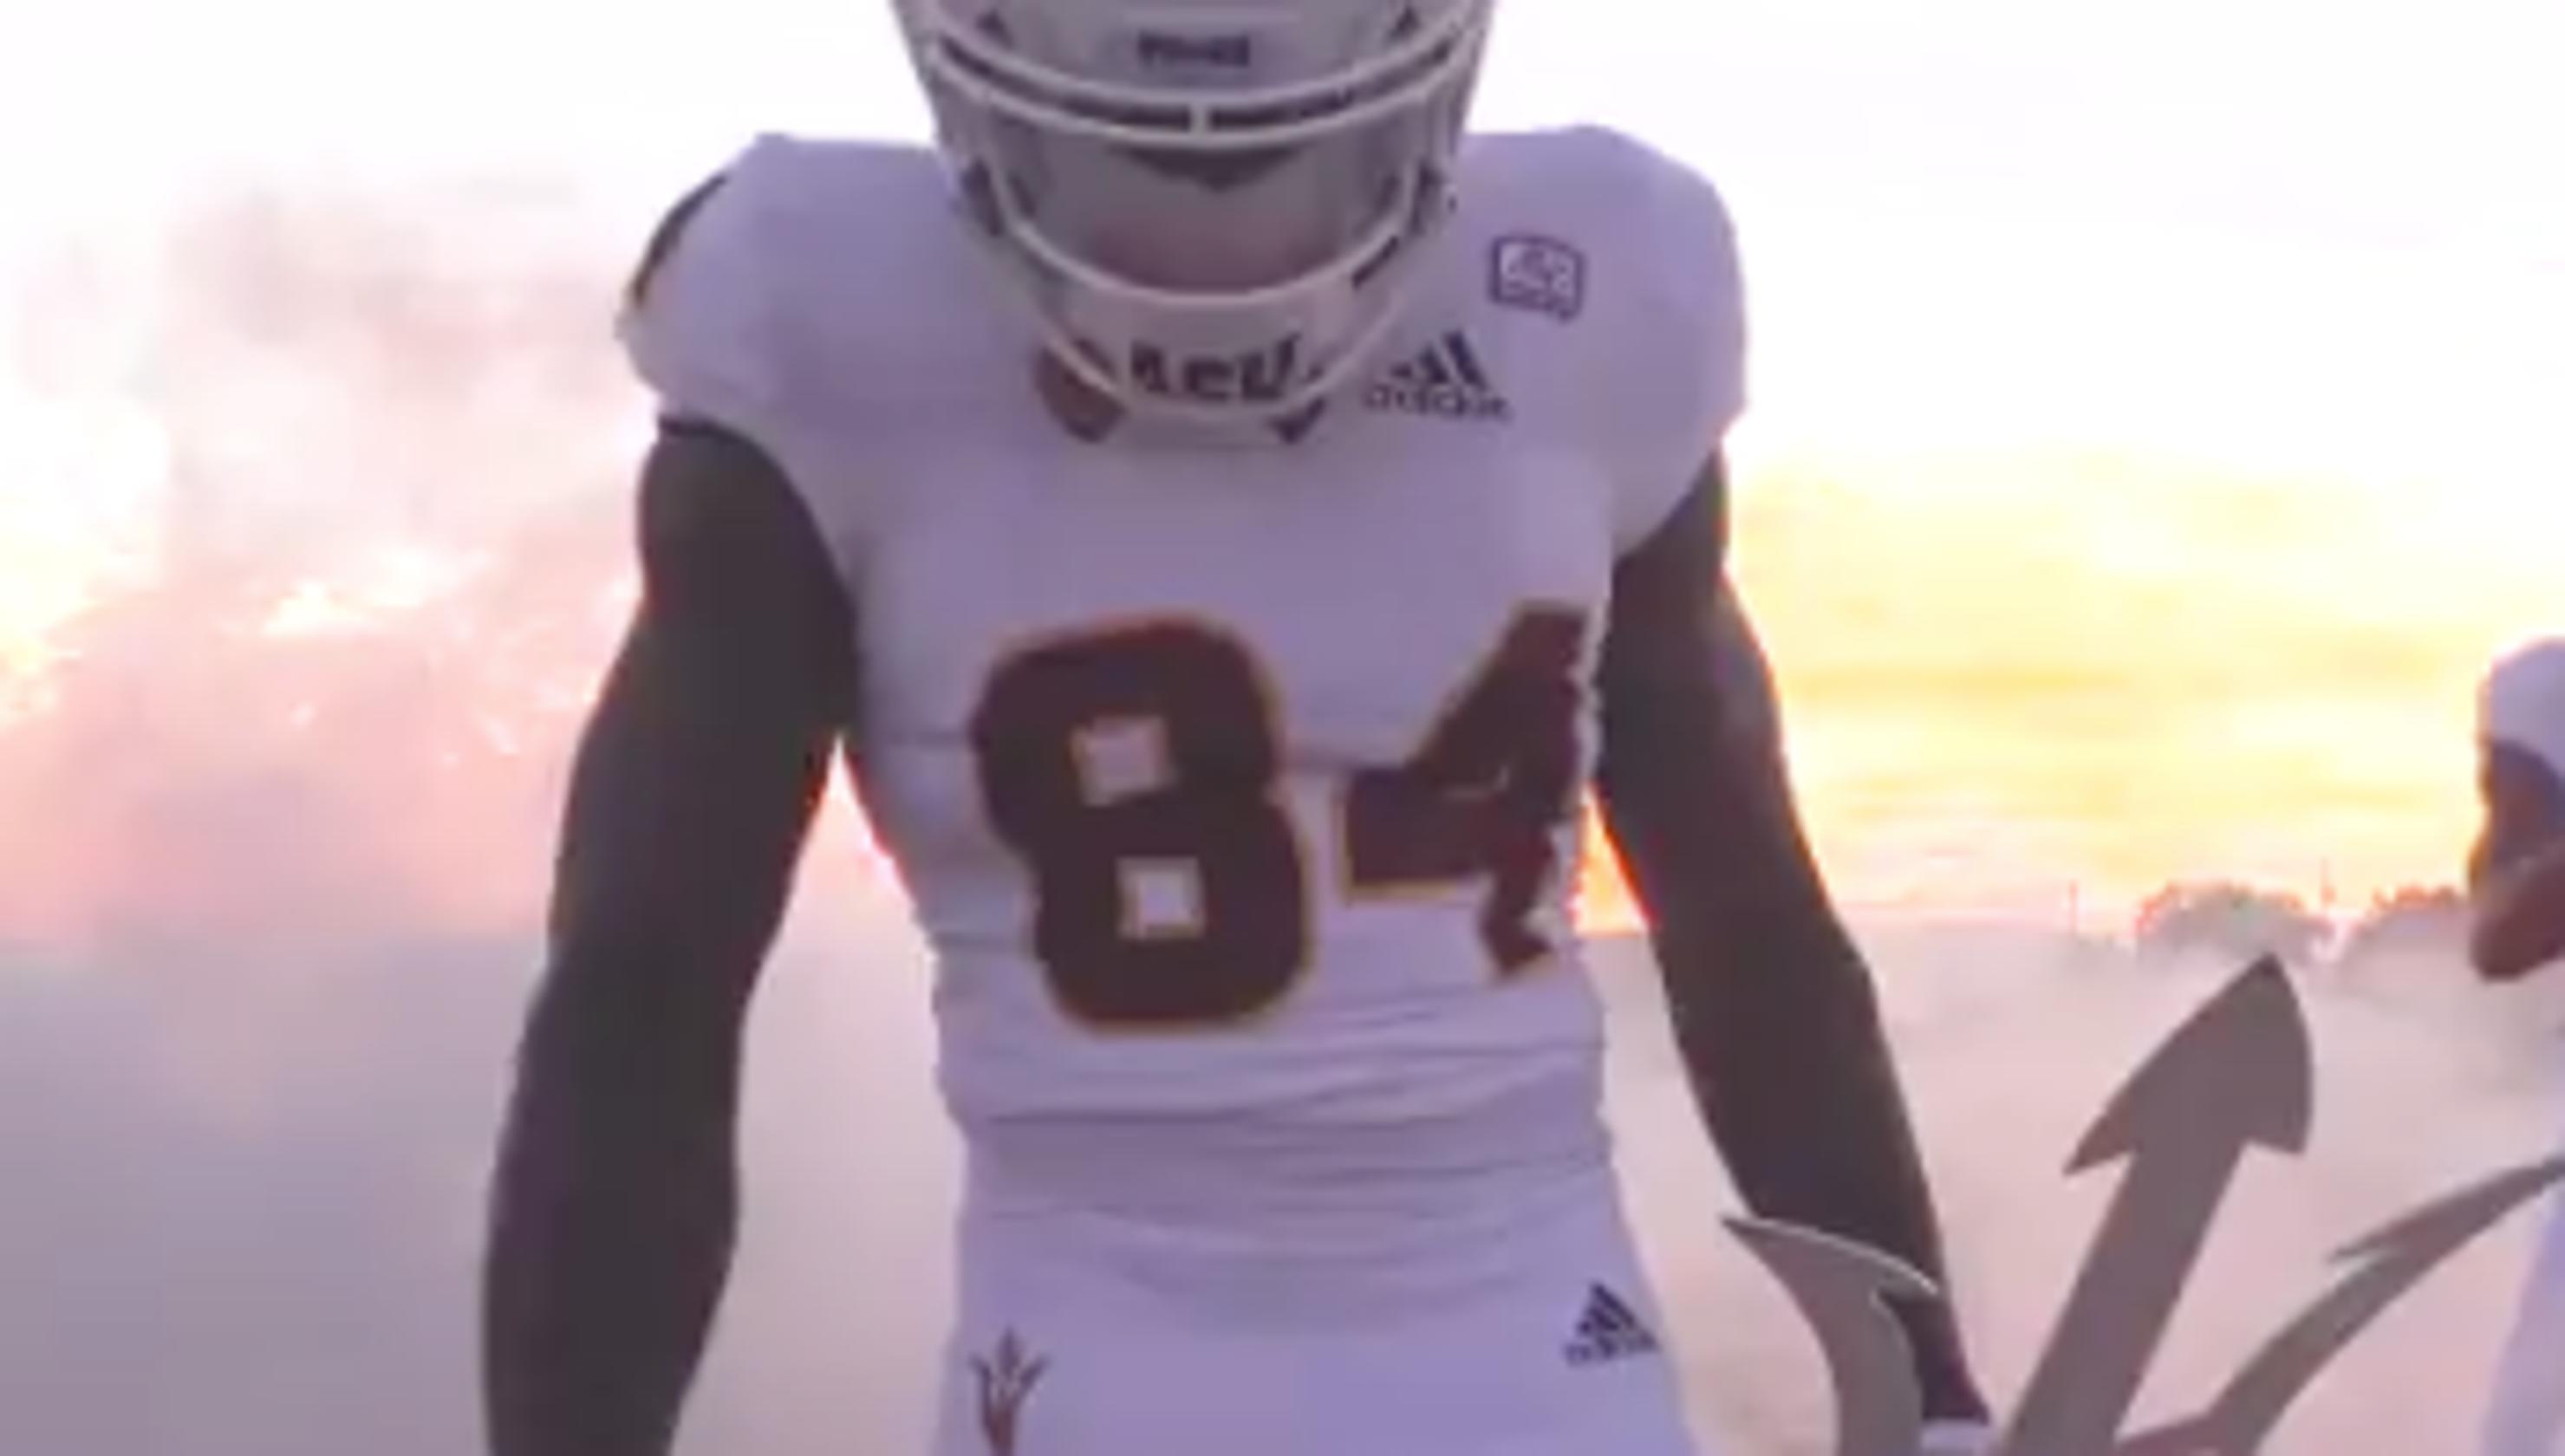 half off 656a9 3a389 ASU vs. Oregon uniforms: Sun Devils wearing white, Ducks in ...